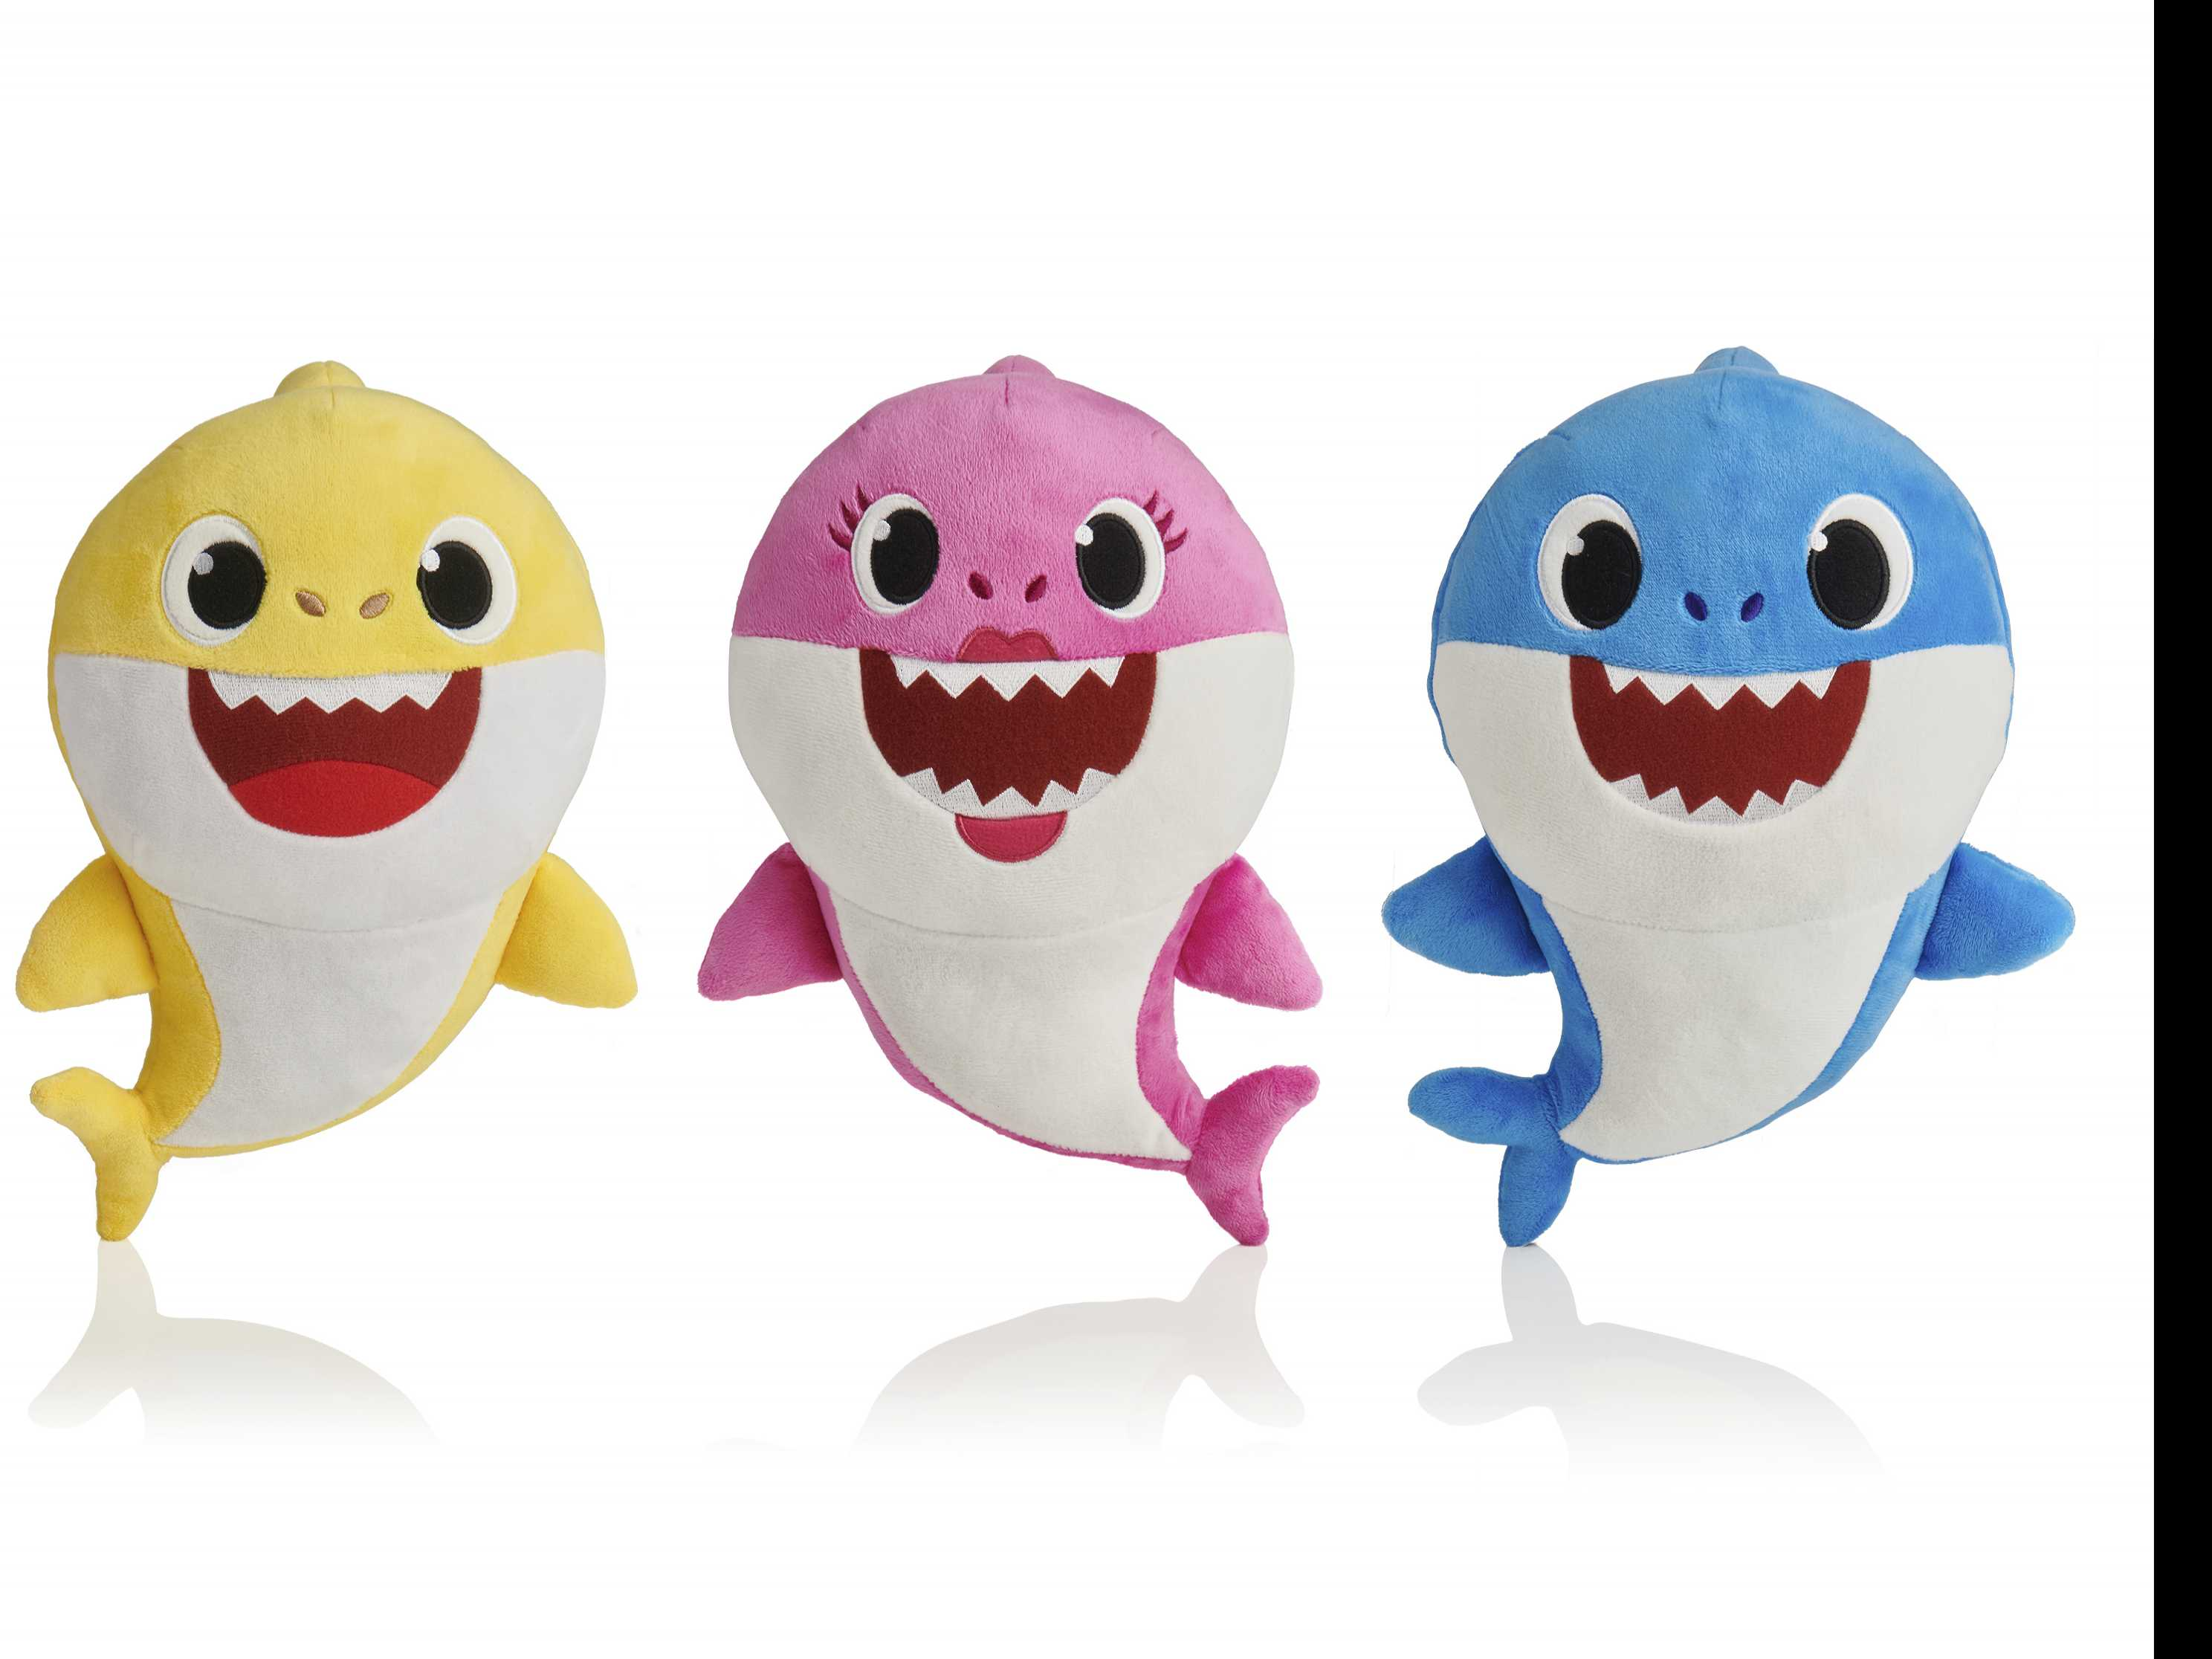 Doo Doo Doo Doo Doo Doo: 'Baby Shark' Bites Into the Culture